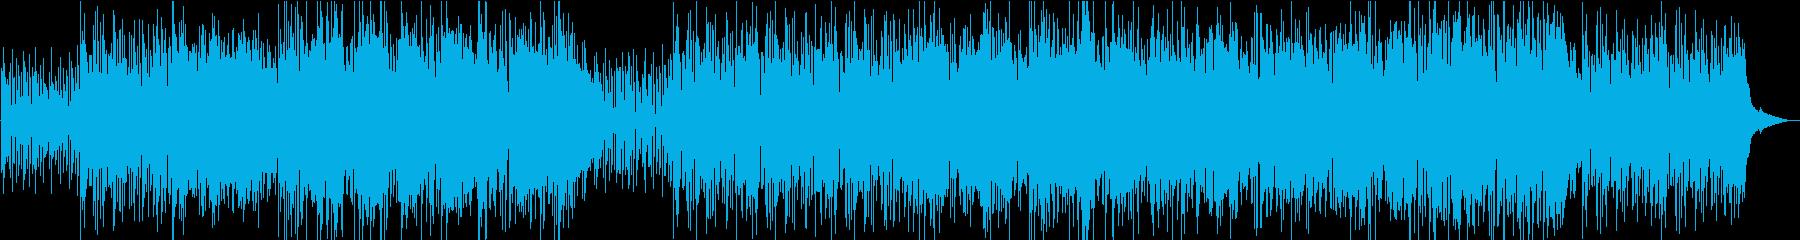 清々しい早めのボサノバボーカルバージョンの再生済みの波形